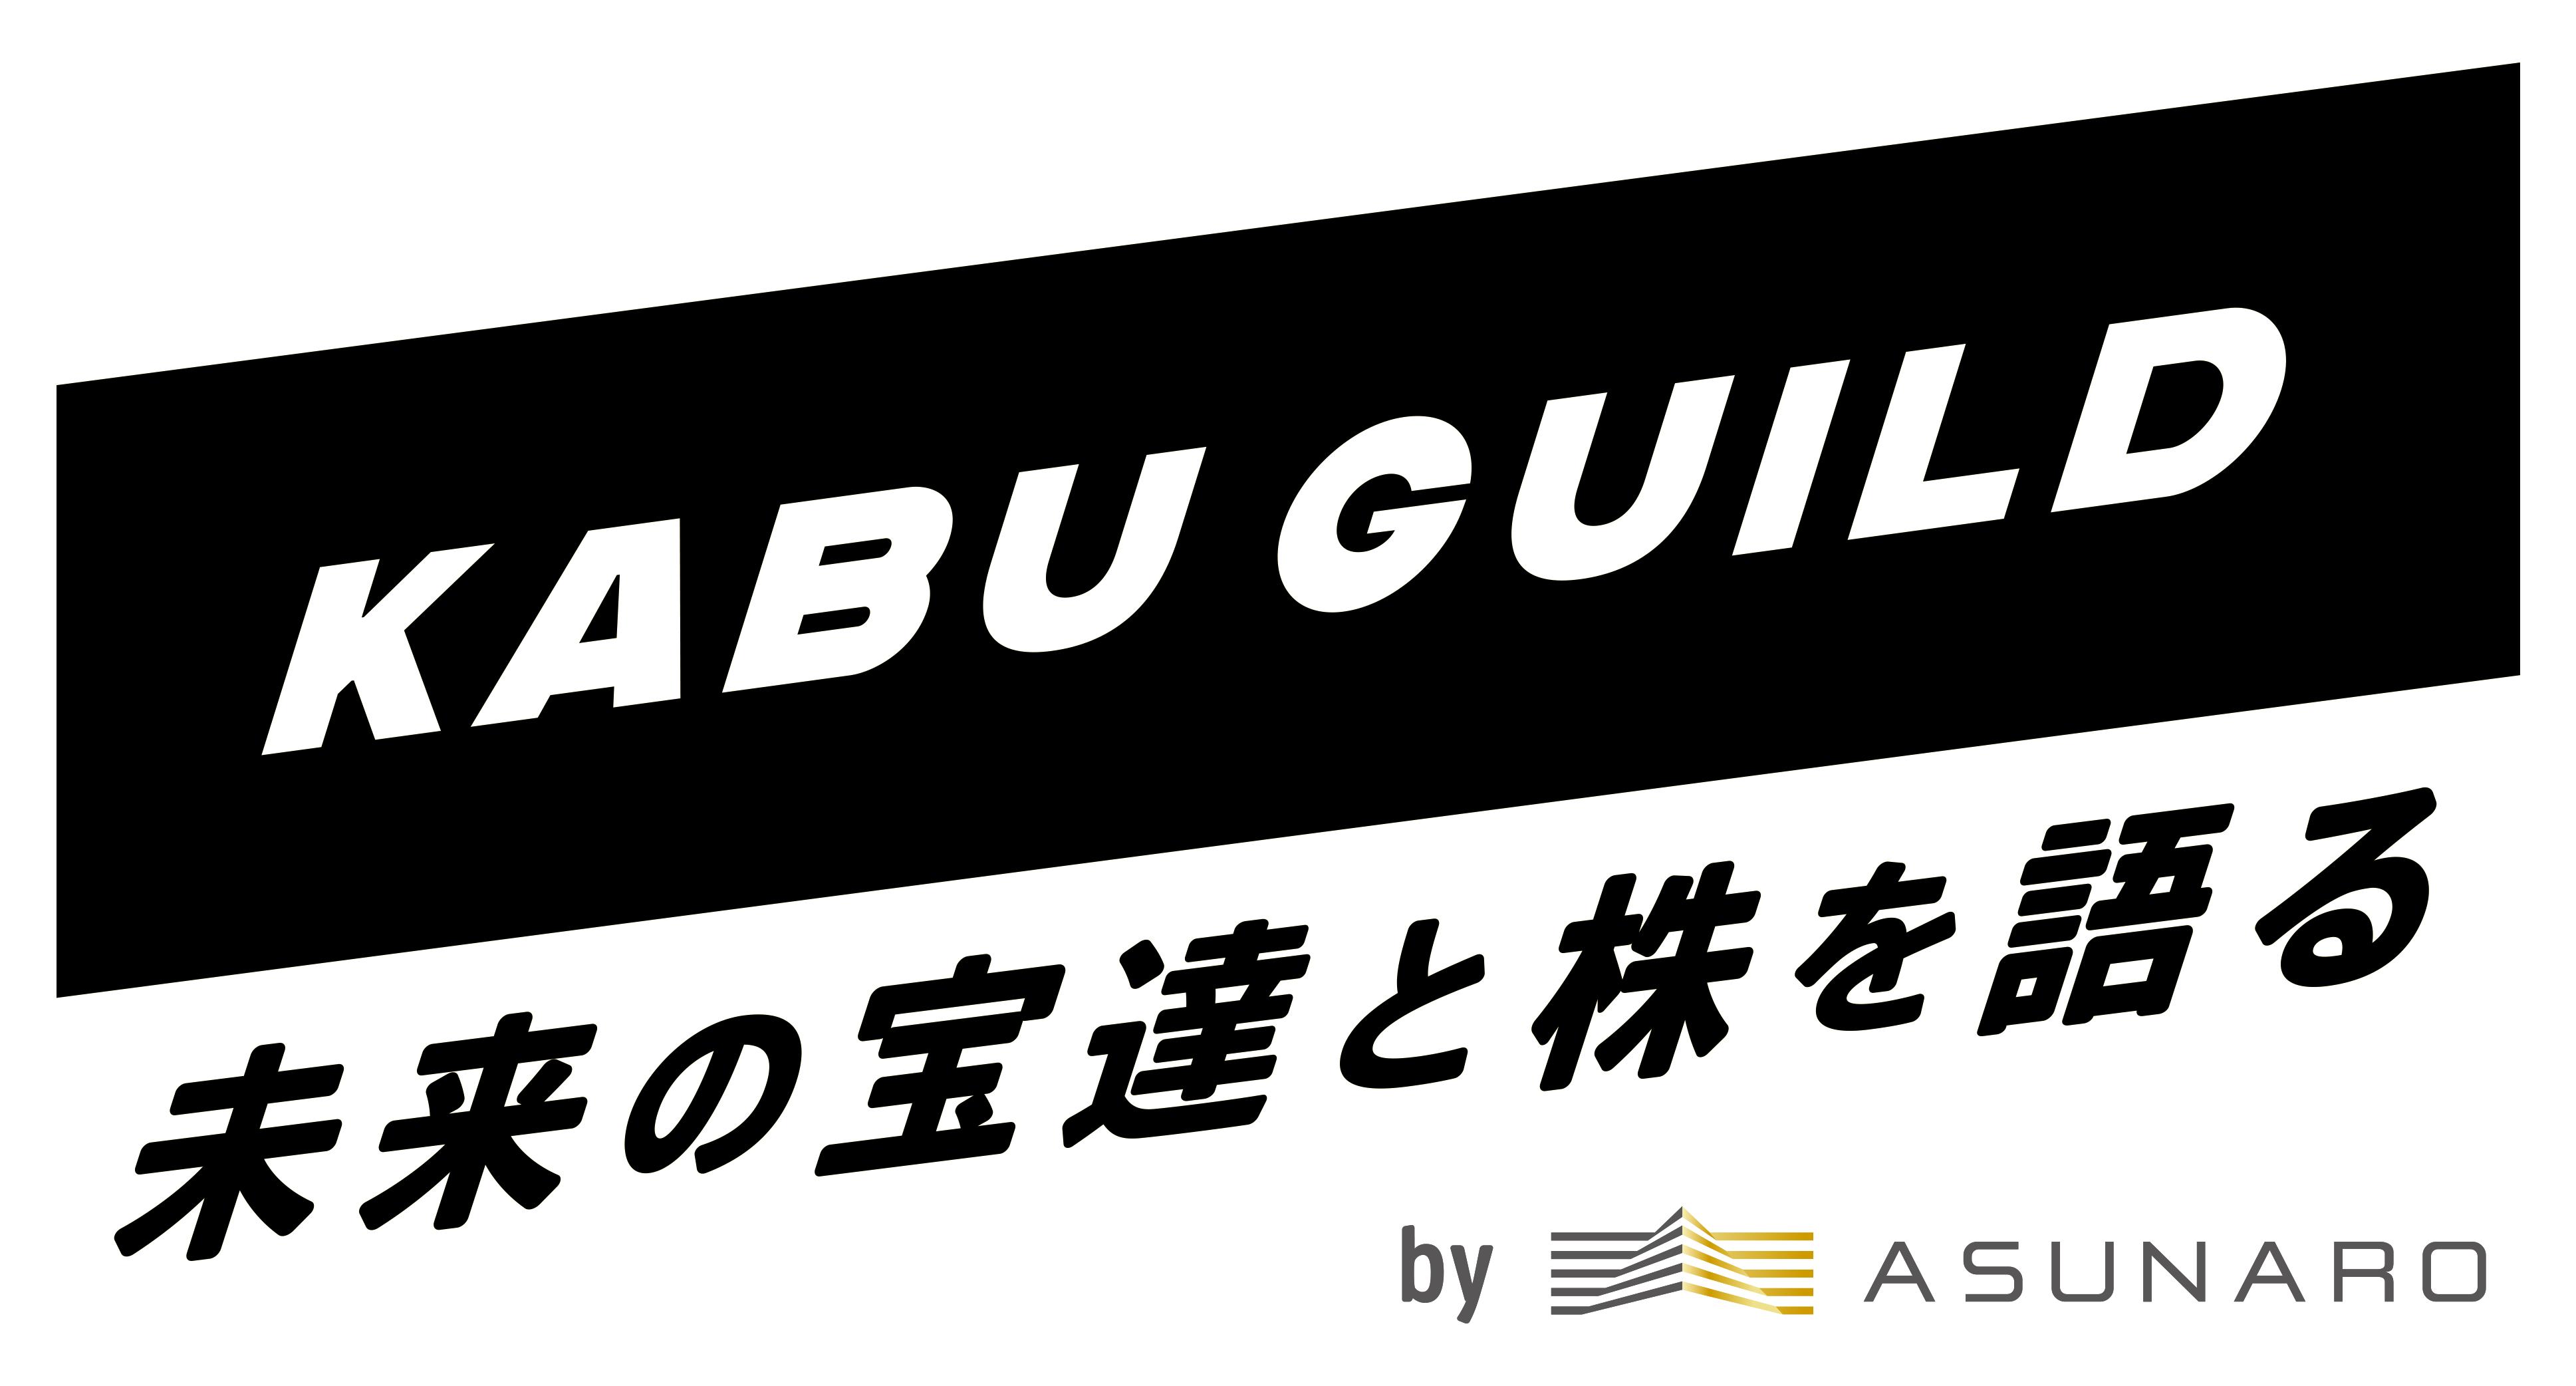 【株式投資教育KABUGUILD】最新動画更新のおしらせ